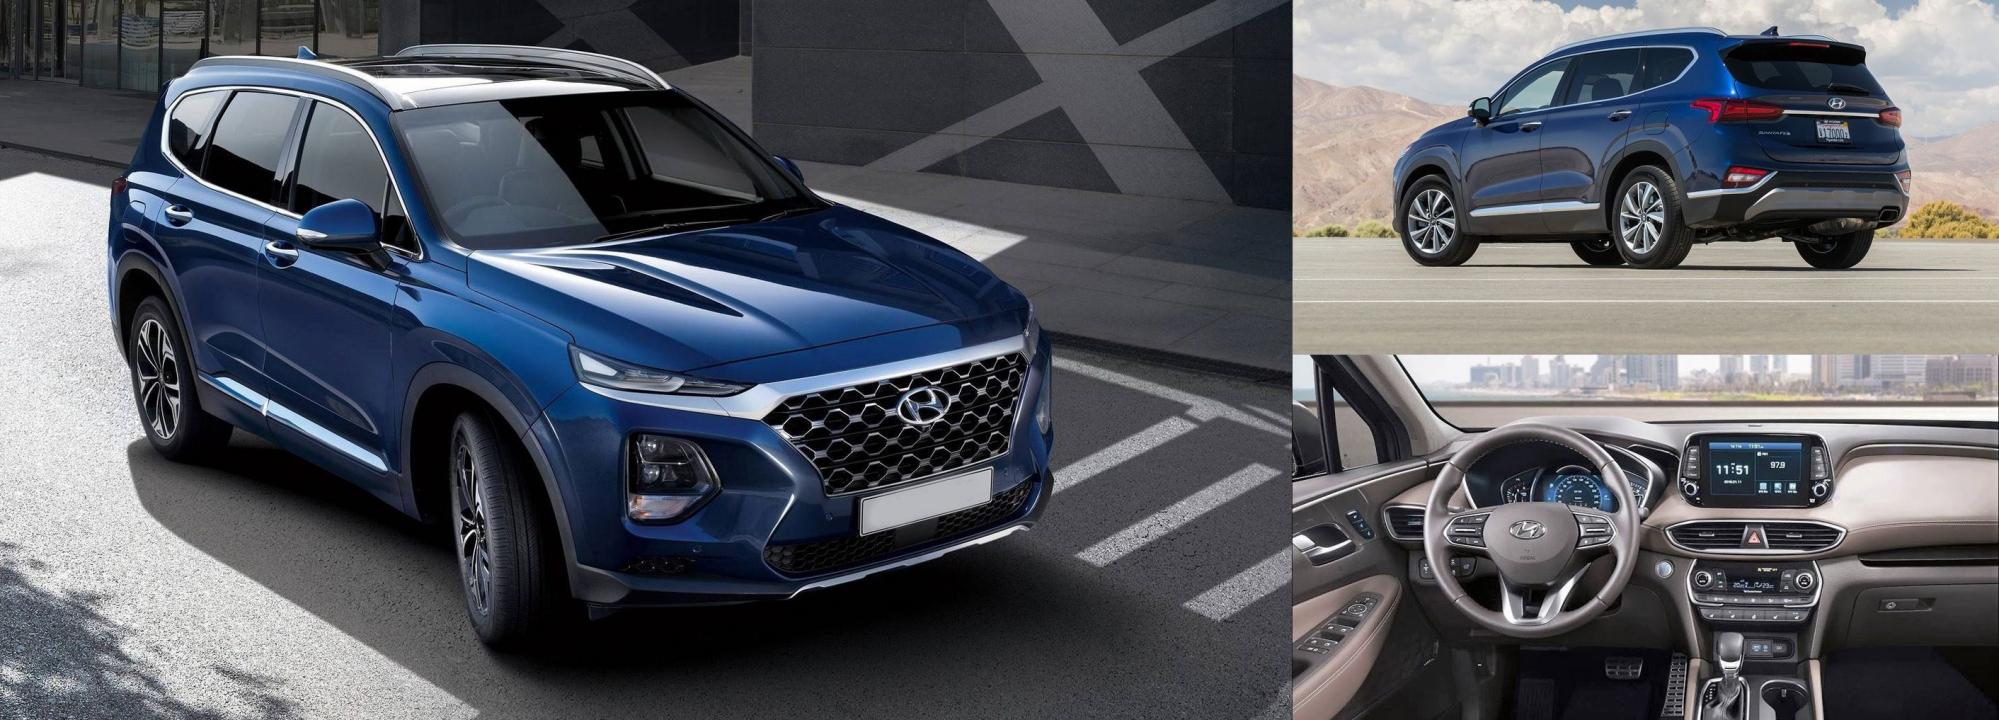 Hyundai dẫn đầu phân khúc Crossover tháng 02/2020 vừa qua